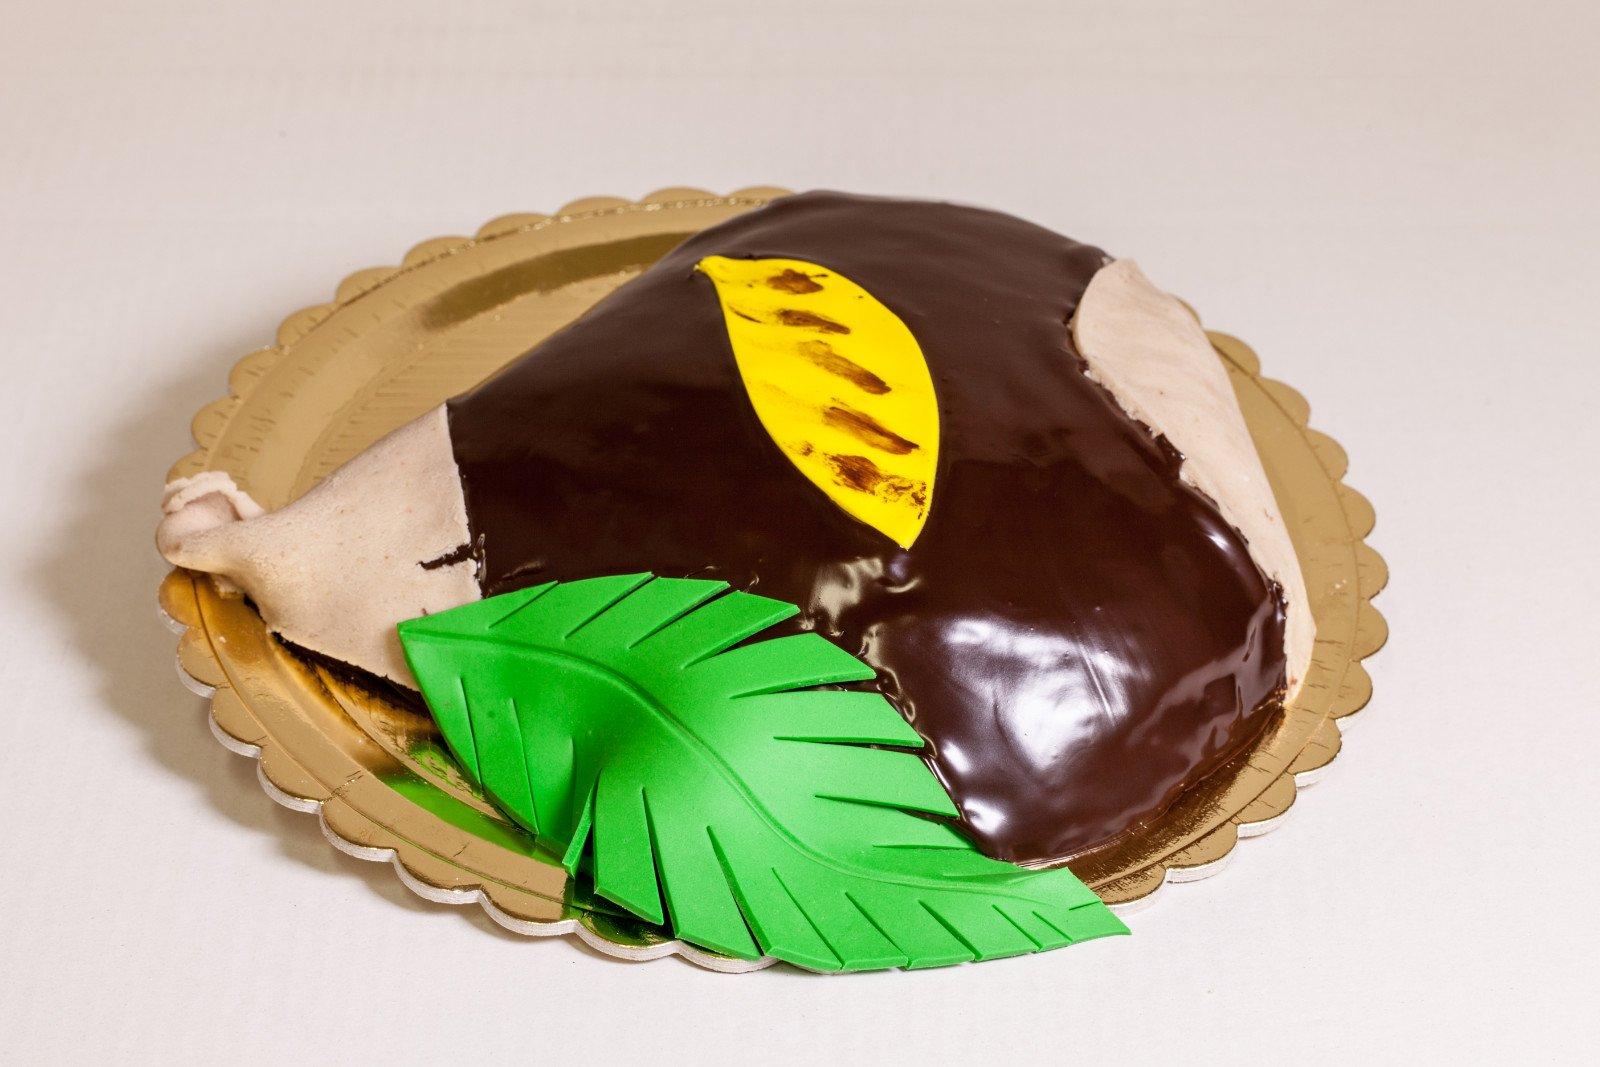 Torta con copertura in pasta di zucchero raffigurante una castagna con foglia verde